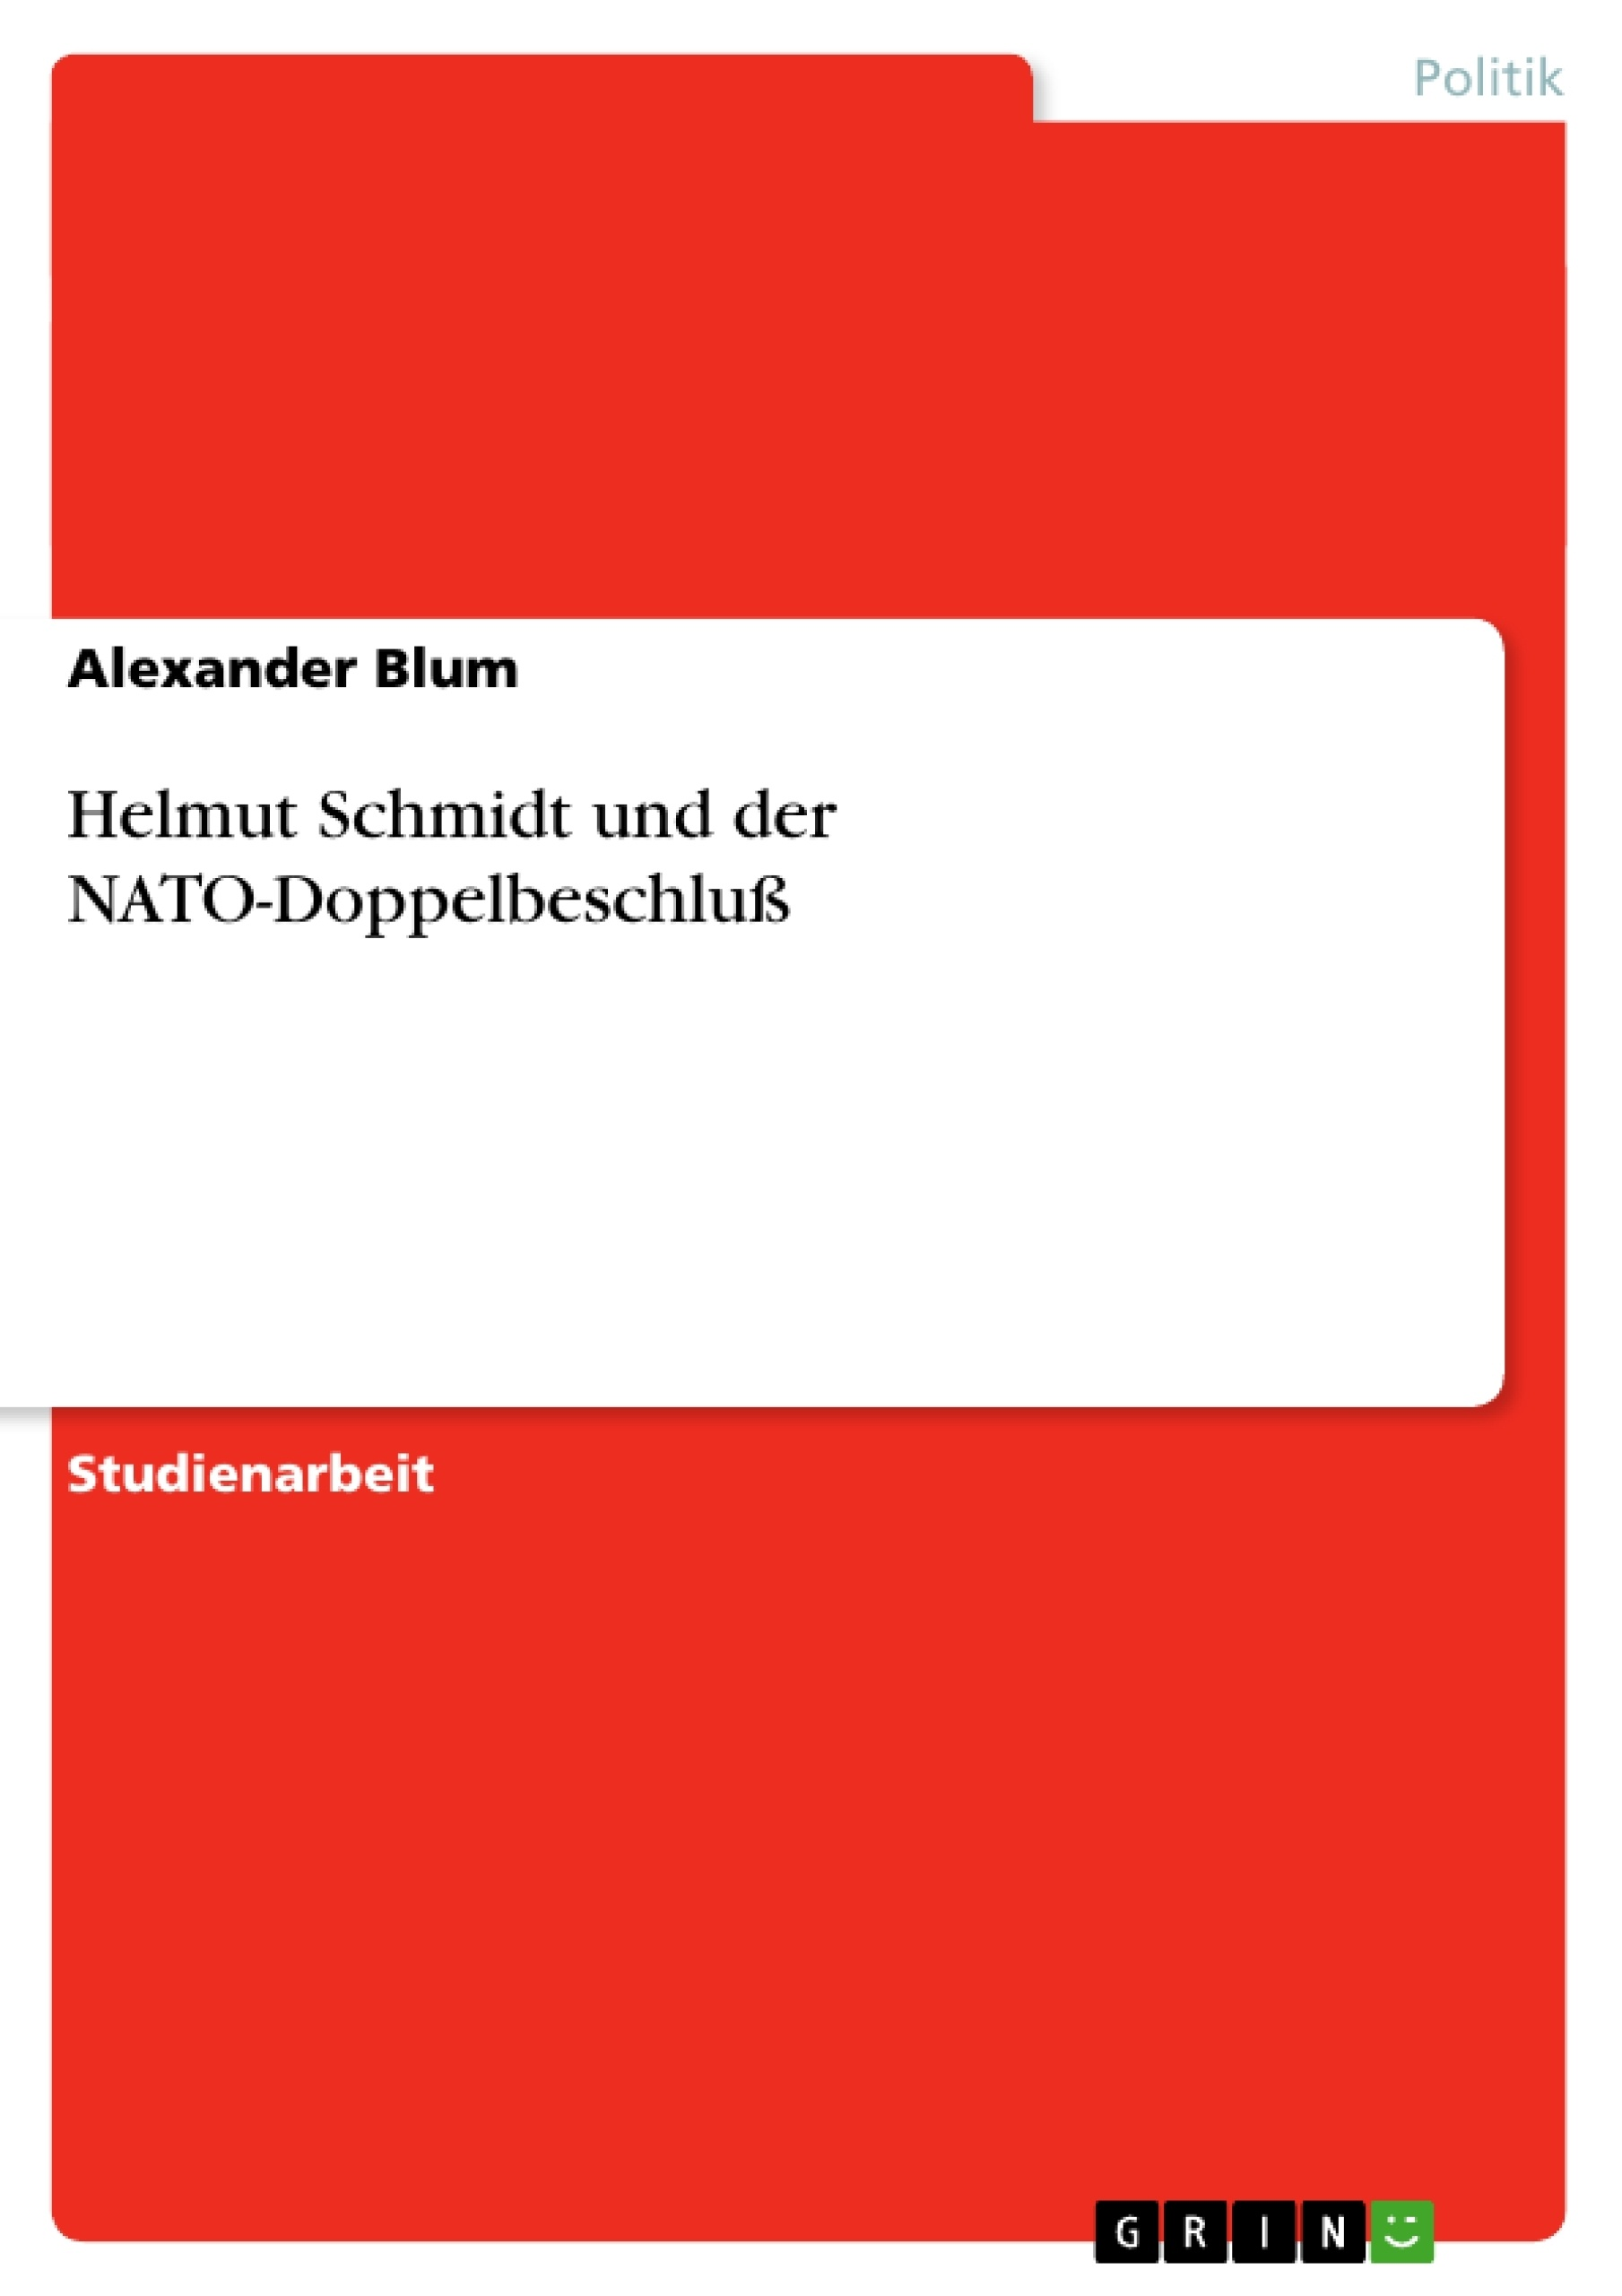 Titel: Helmut Schmidt und der NATO-Doppelbeschluß